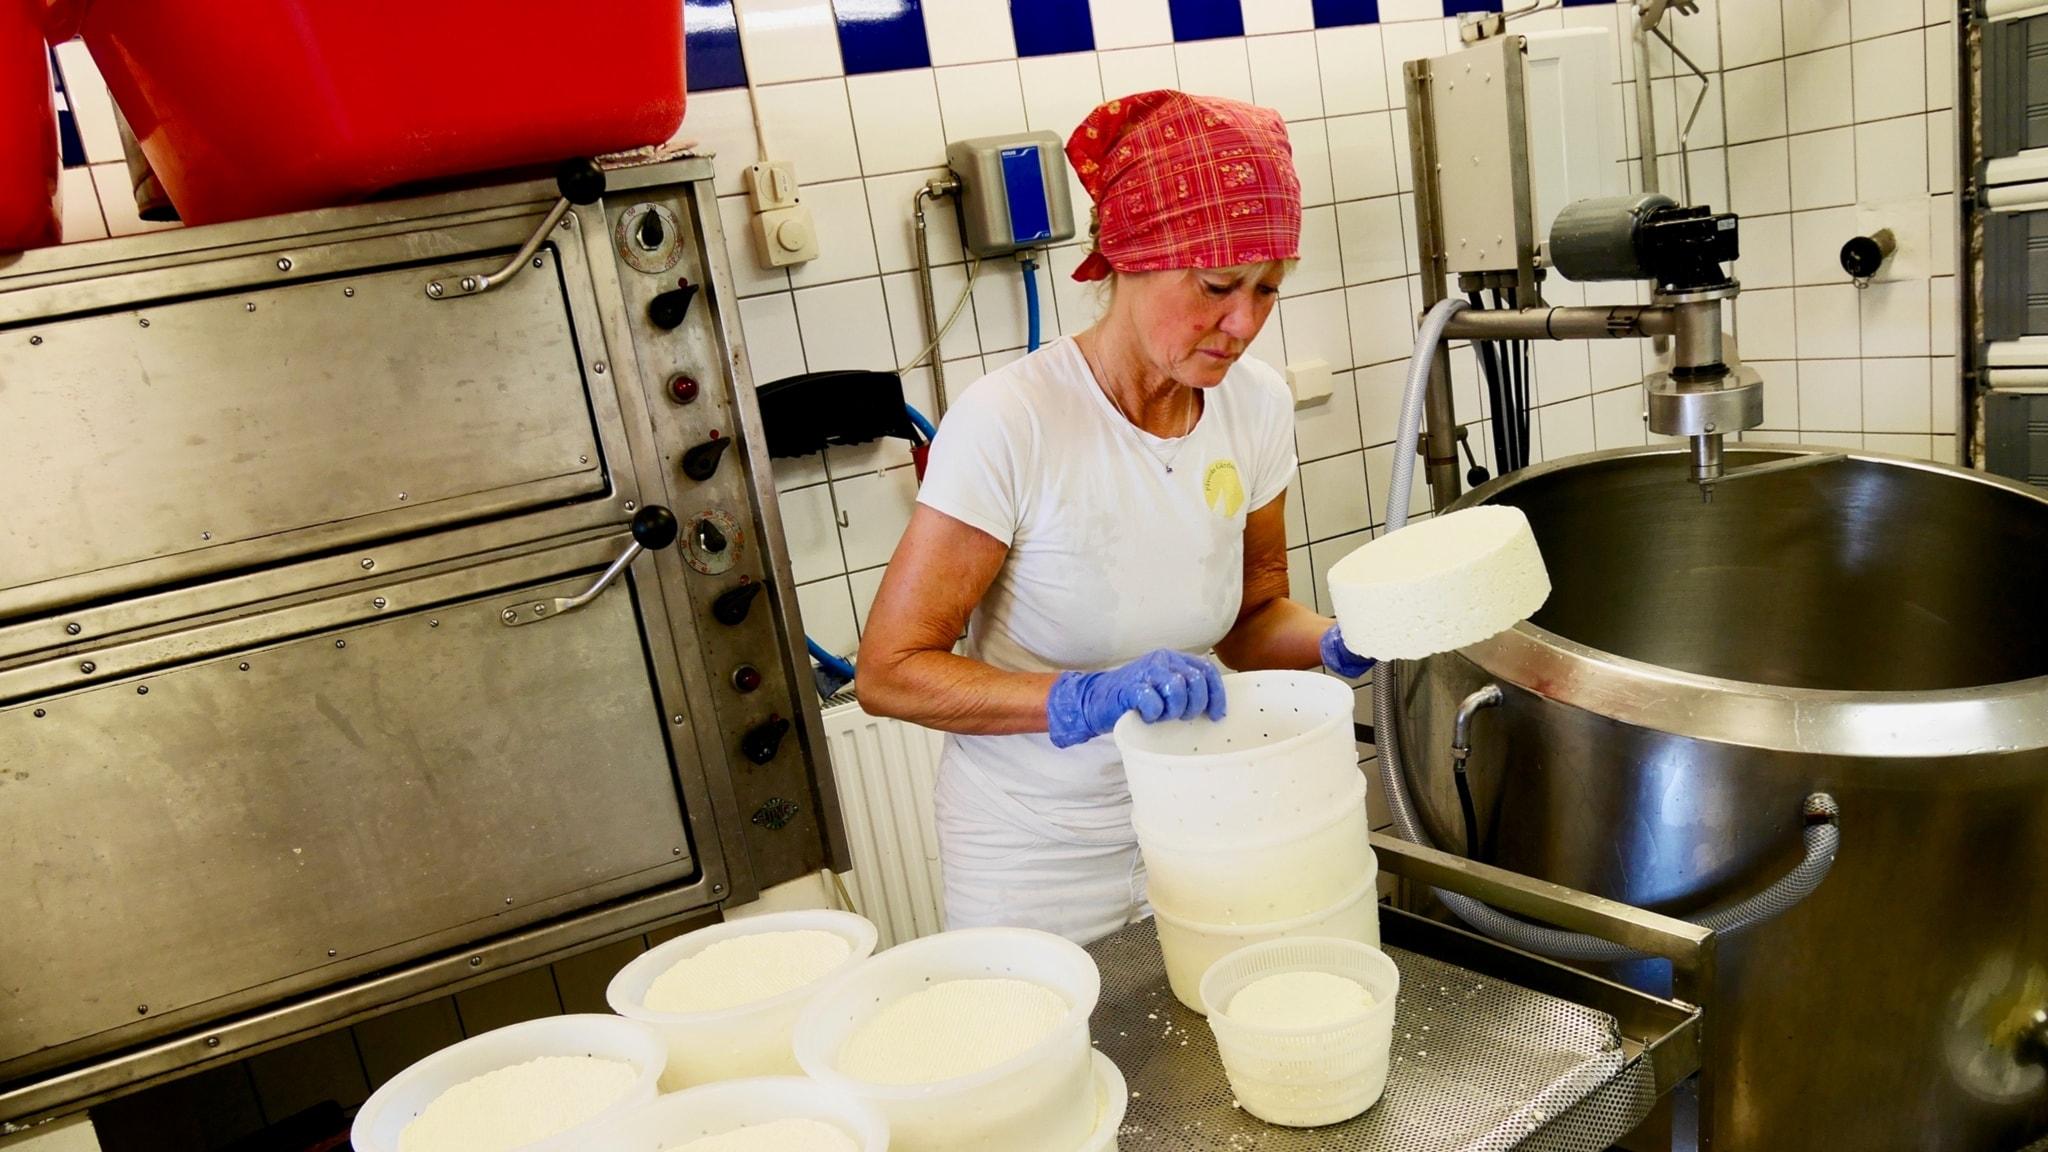 Svensk hårdost del 2: Mejerskan i Falköping visar hur hon gör sin gräddost!